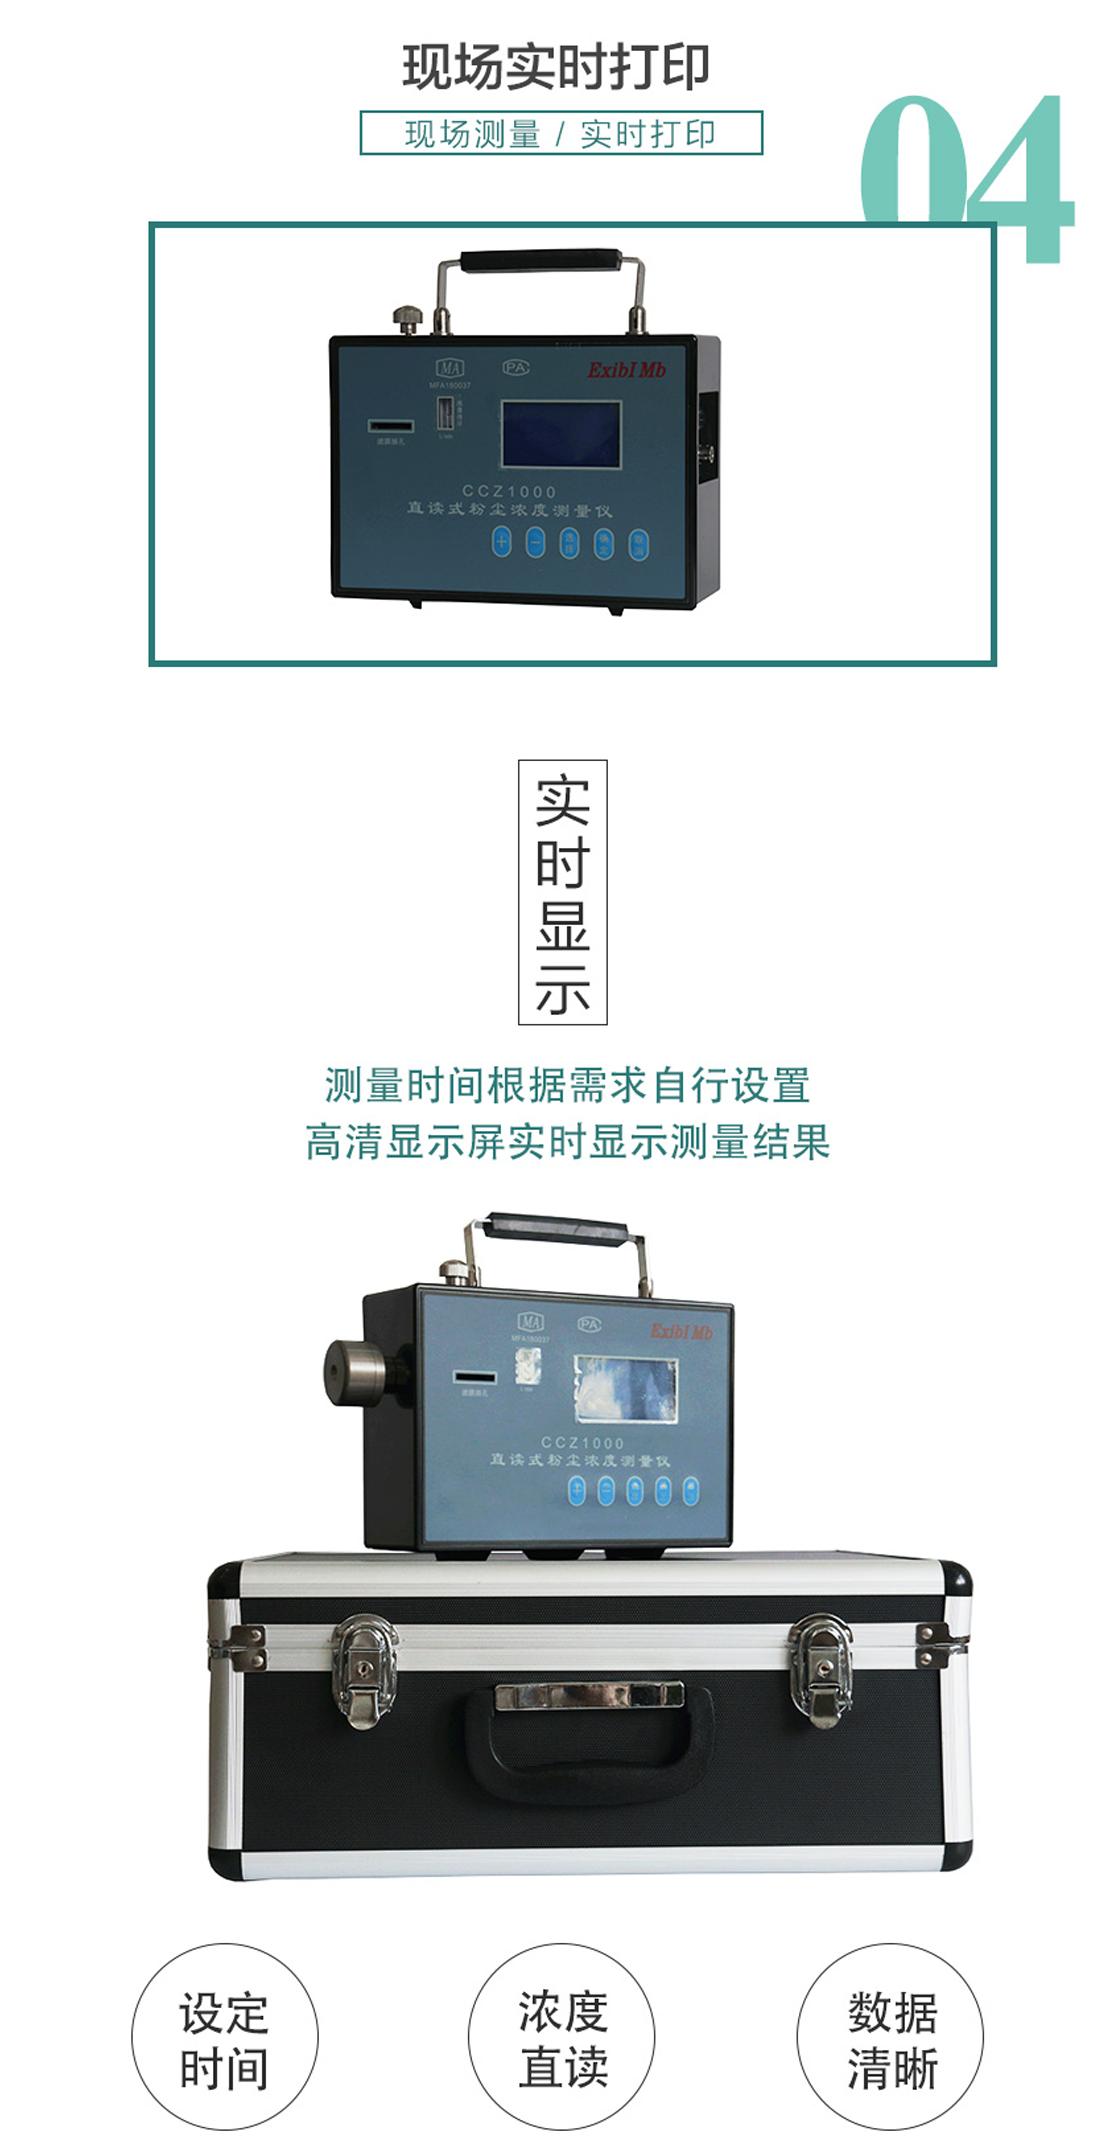 聚创环保矿用粉尘检测仪/直读式粉尘浓度测量仪CCZ1000